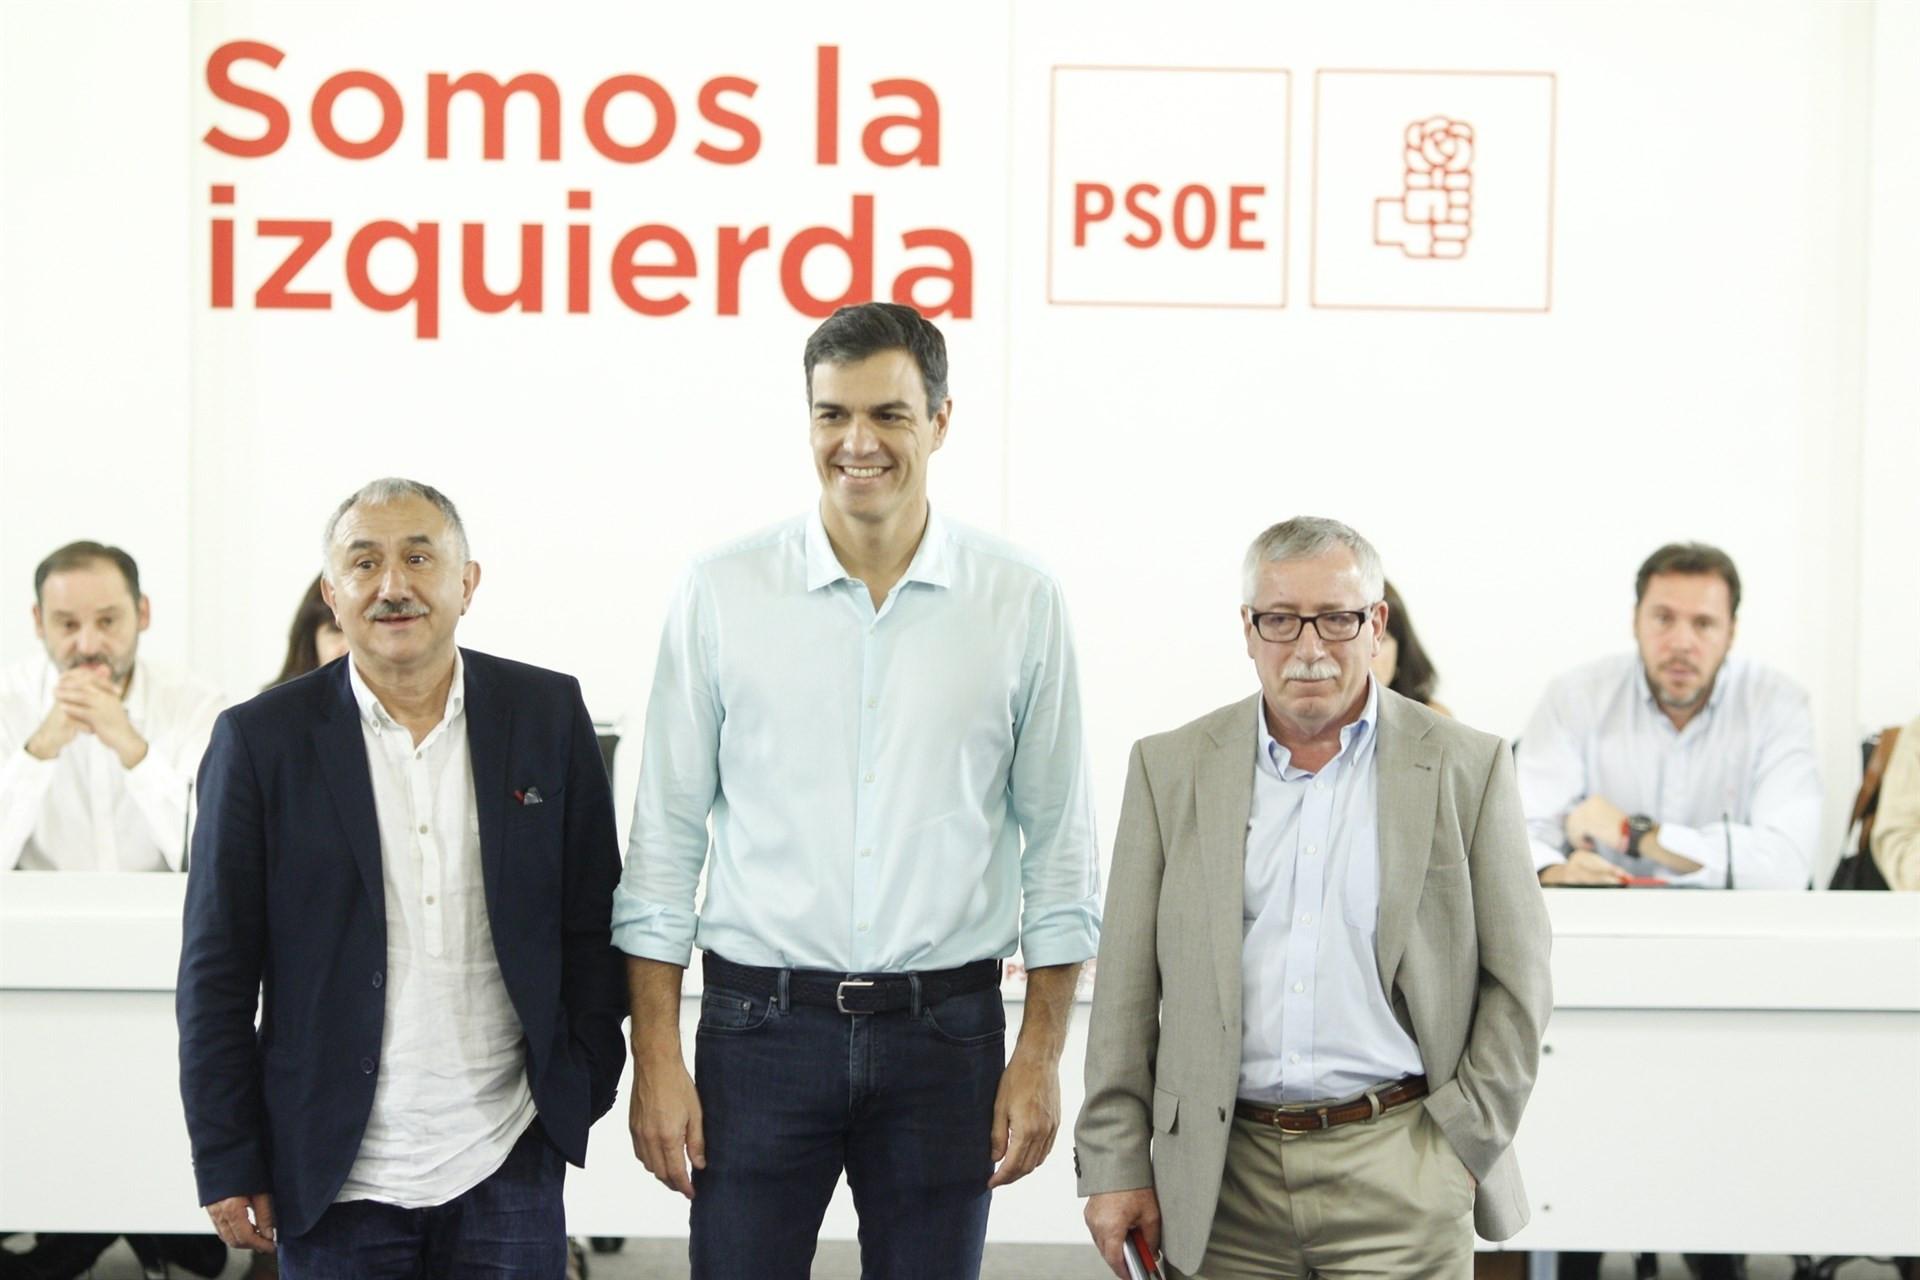 Pedro Sanchez Pepe Alvarez Ignacio Fernandez Toxo